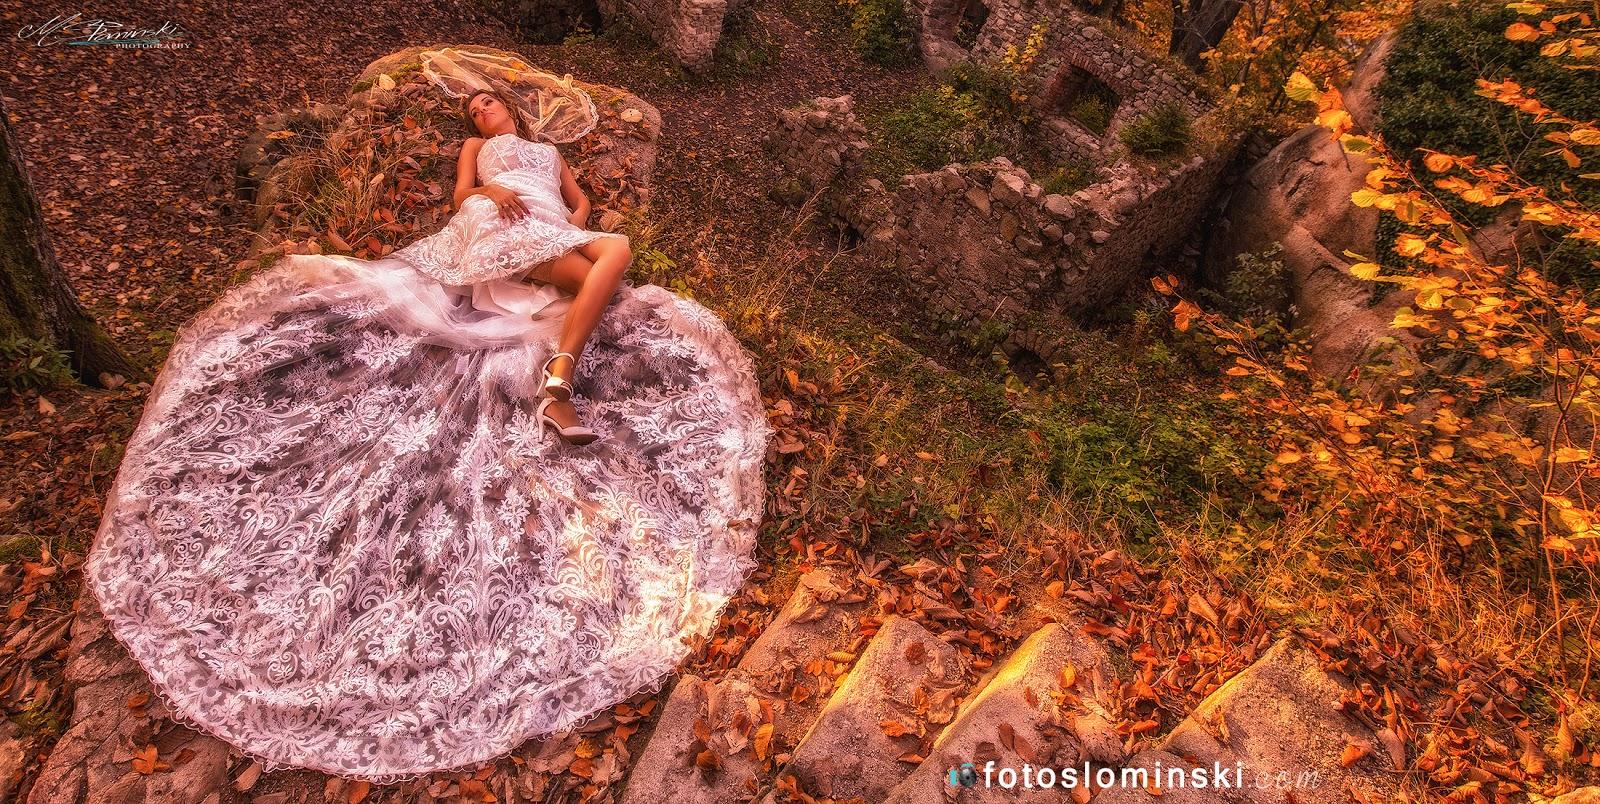 https://www.facebook.com/pg/fotoslominski/photos/?tab=album&album_id=610482219113387